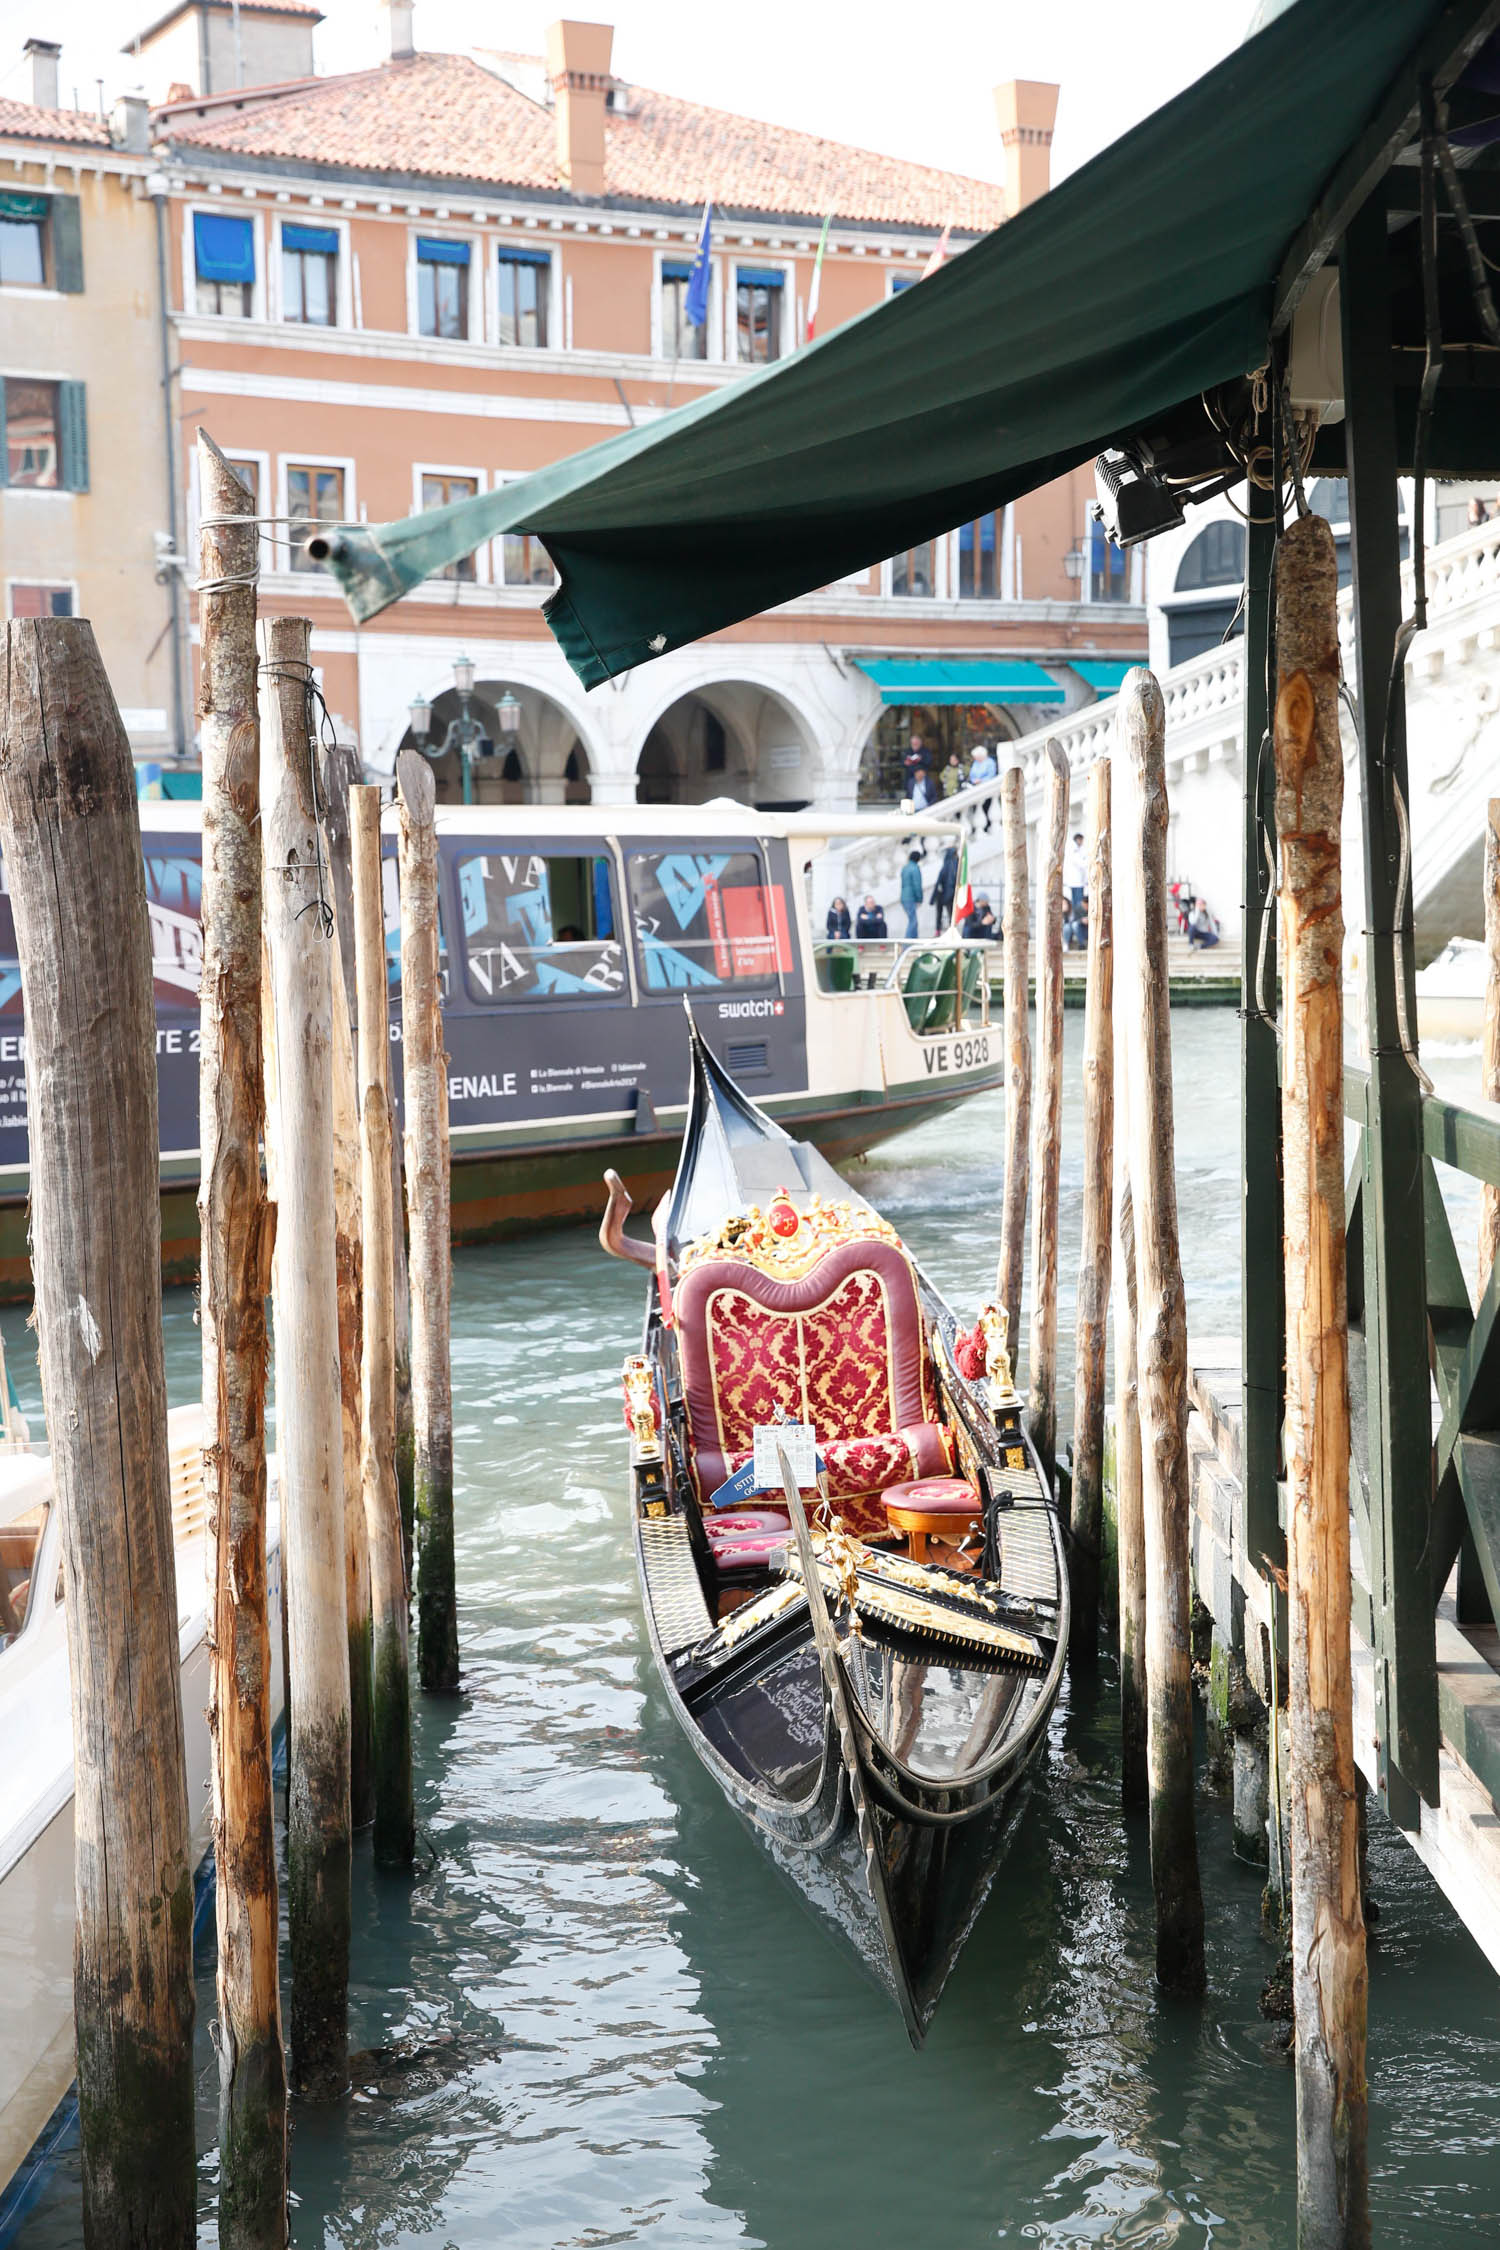 venice, italy, venezia, venice travel diary, alyson haley, gondola